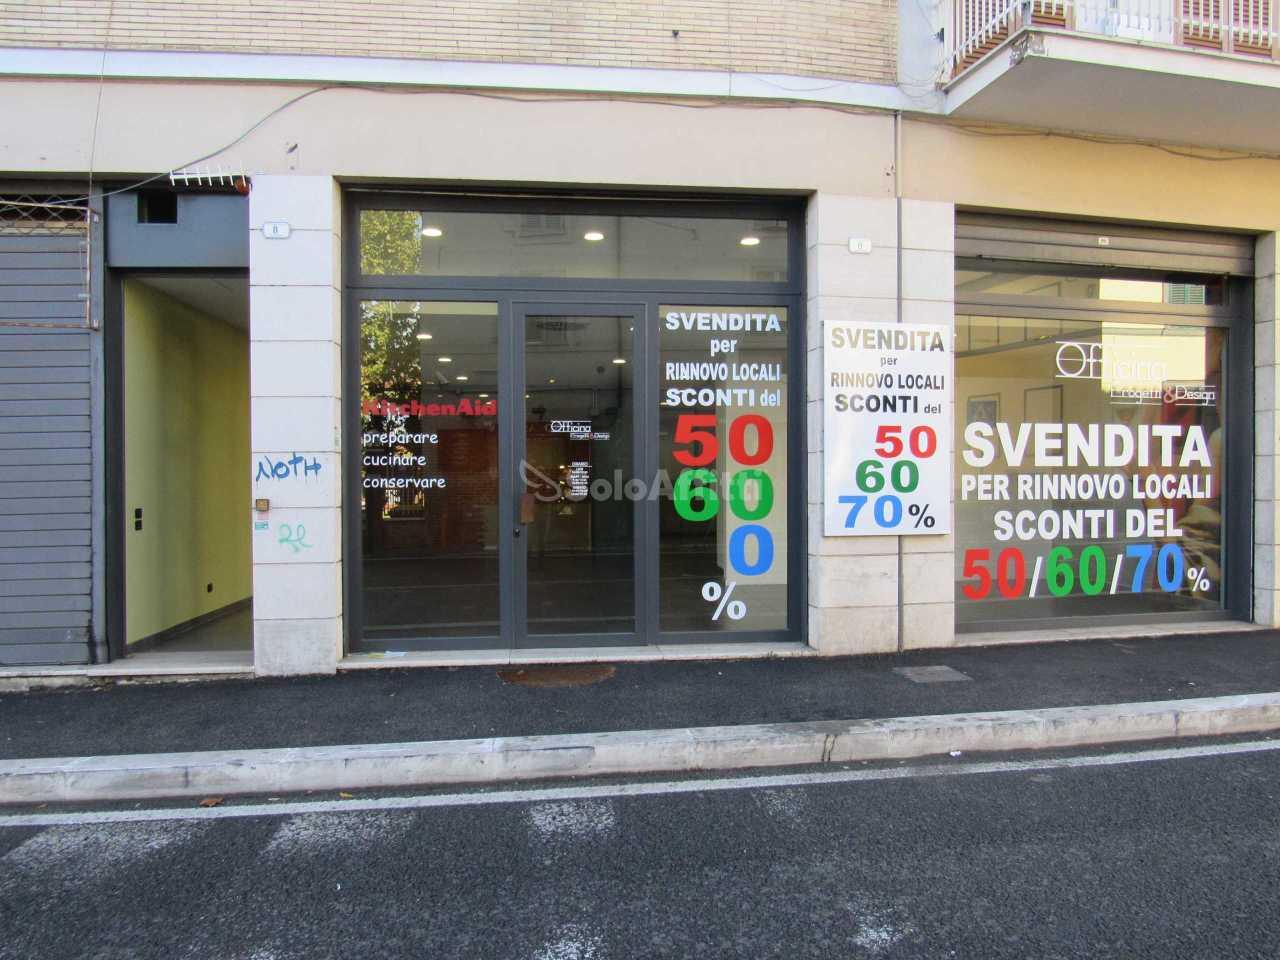 Fondo/negozio - 2 vetrine/luci a Frascati Rif. 11328445